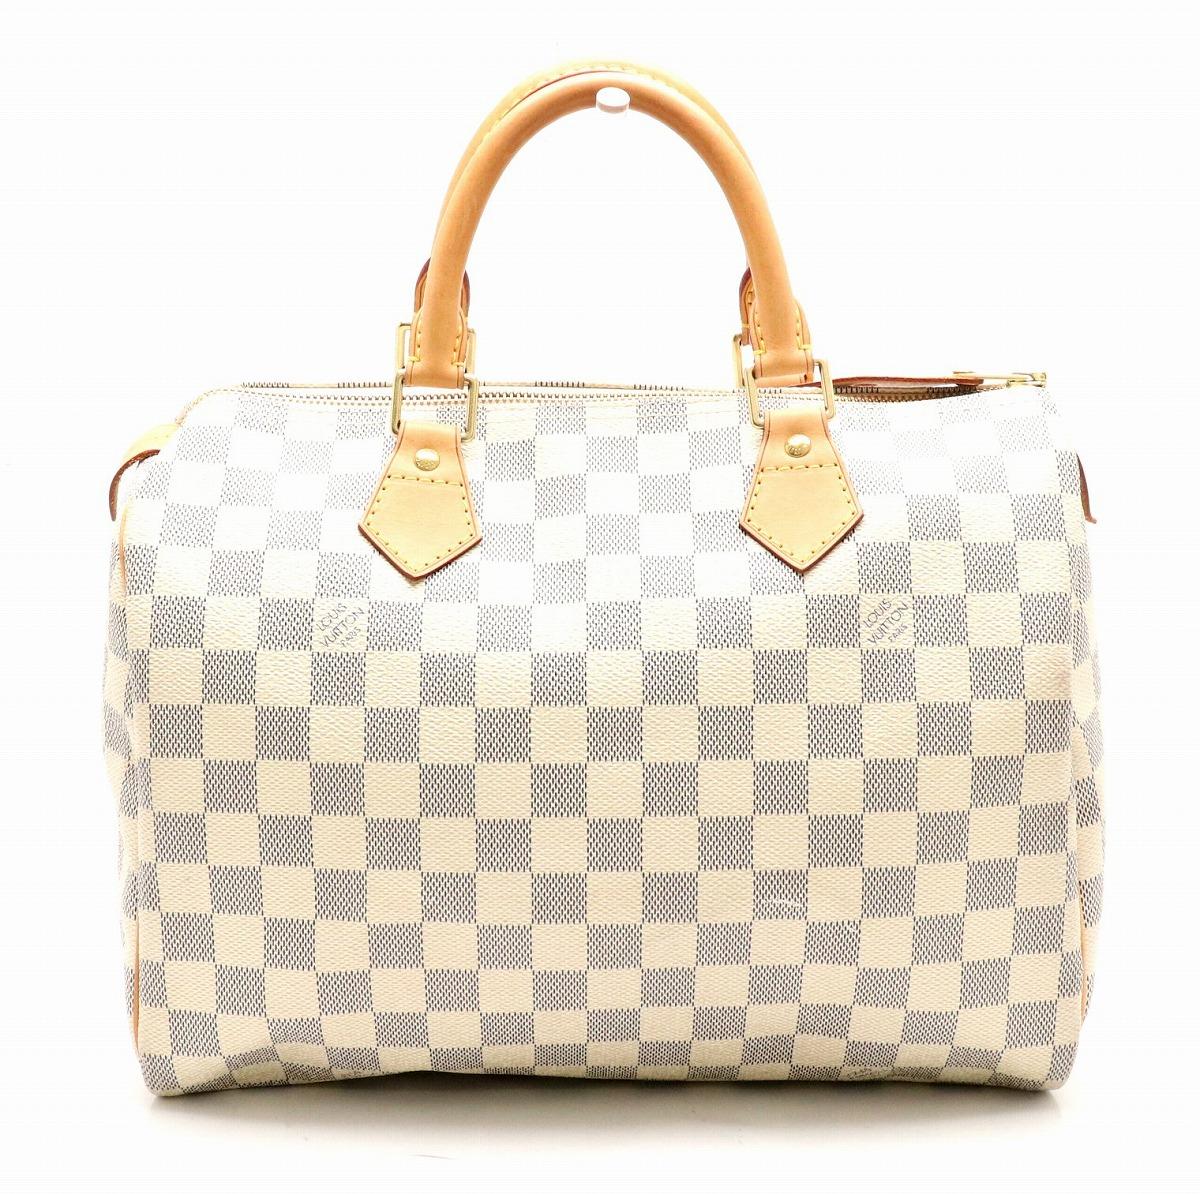 【バッグ】LOUIS VUITTON ルイ ヴィトン ダミエアズール スピーディ30 ハンドバッグ ミニボストンバッグ N41533 【中古】【k】